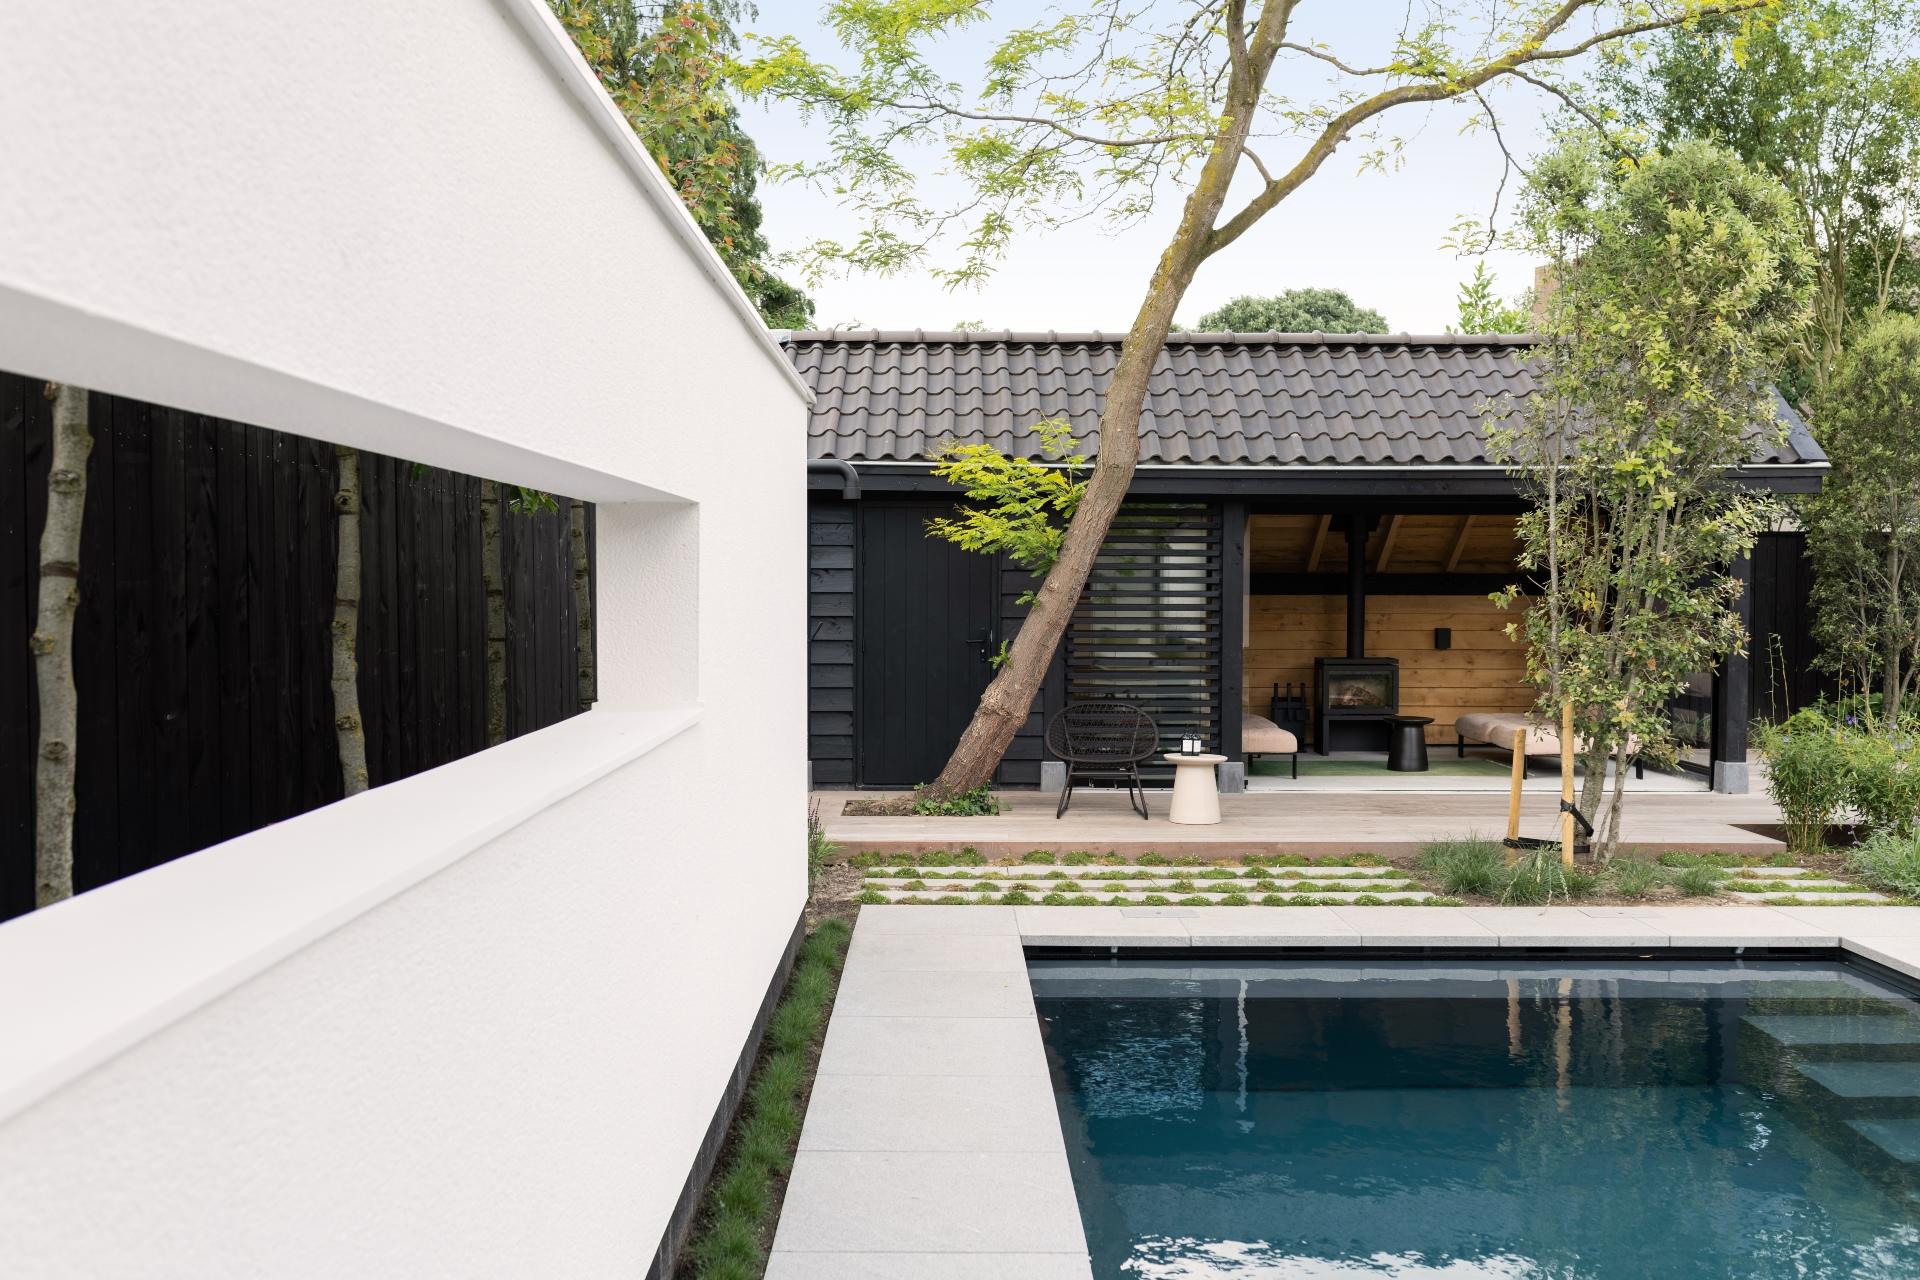 Donkergrijs inbouwzwembad met poolhouse en grijze tegels in moderne tuin